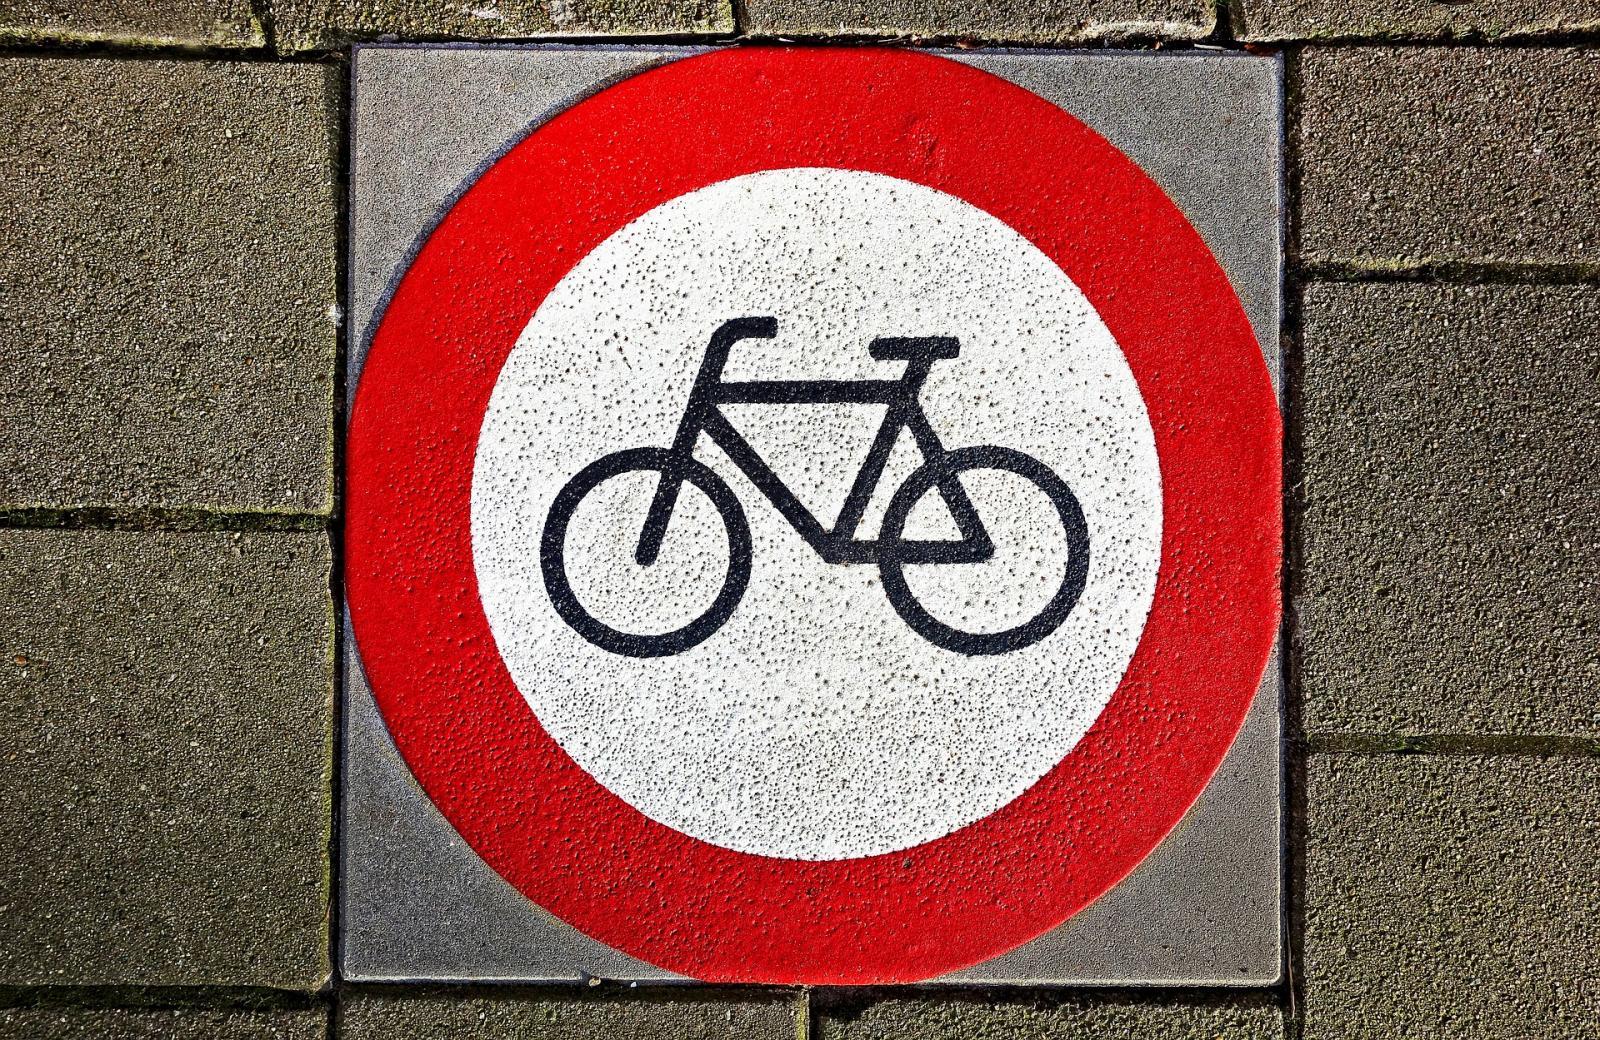 Reglas del ciclismo y lo que debes saber.